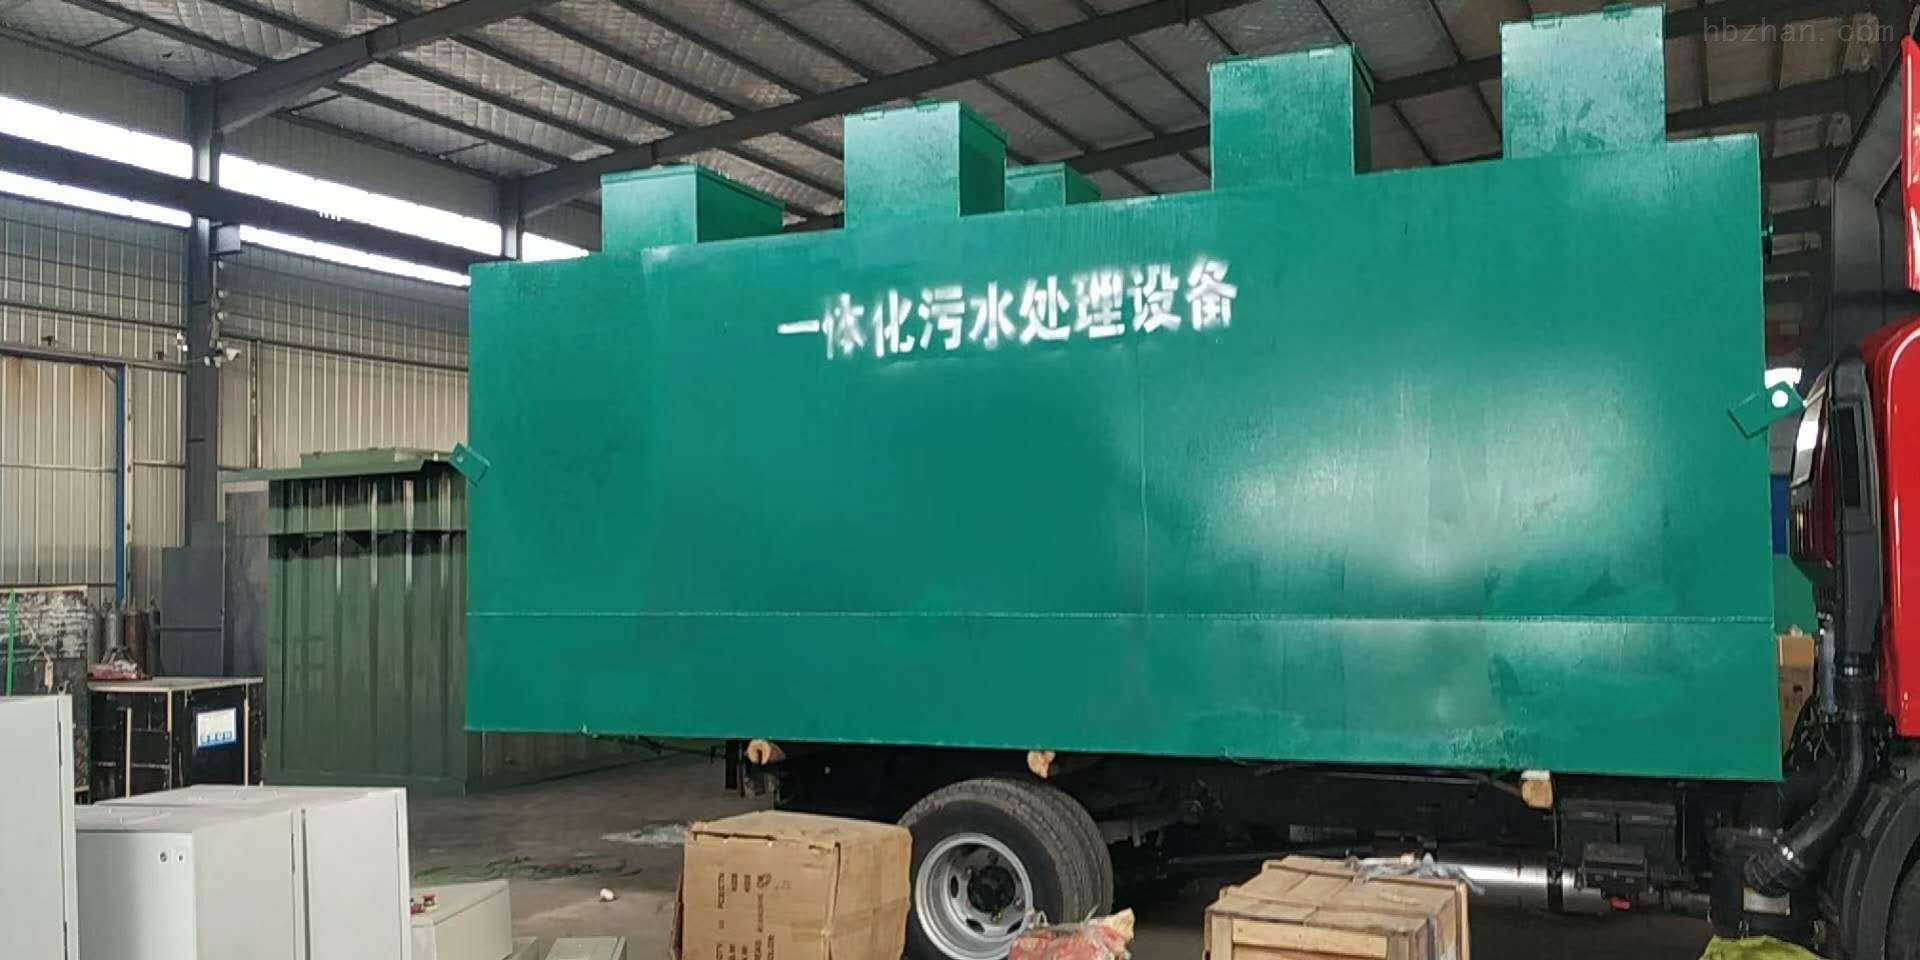 北京丰台养殖废水效果